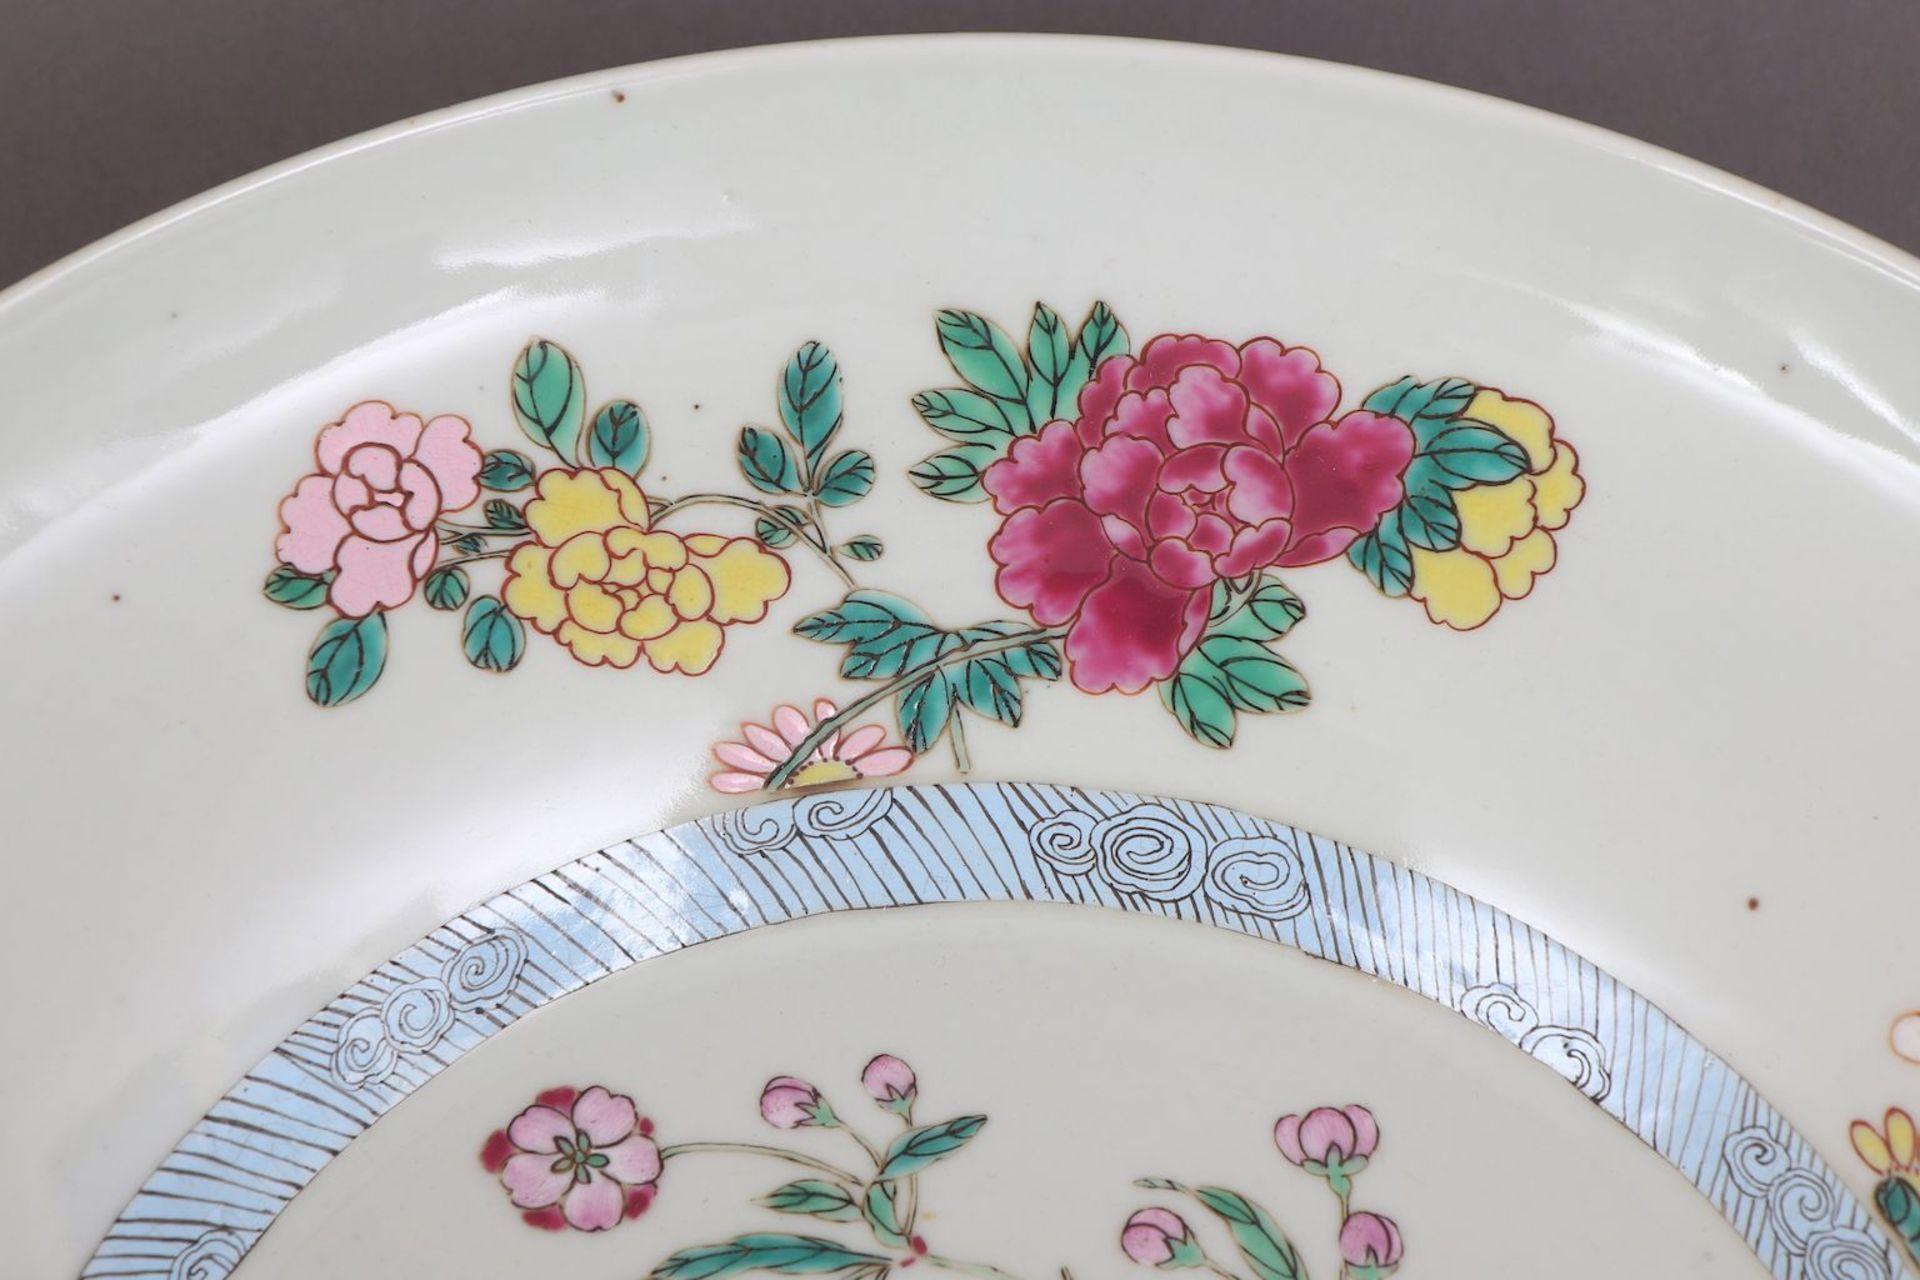 Chinesischer Porzellanteller - Image 3 of 4